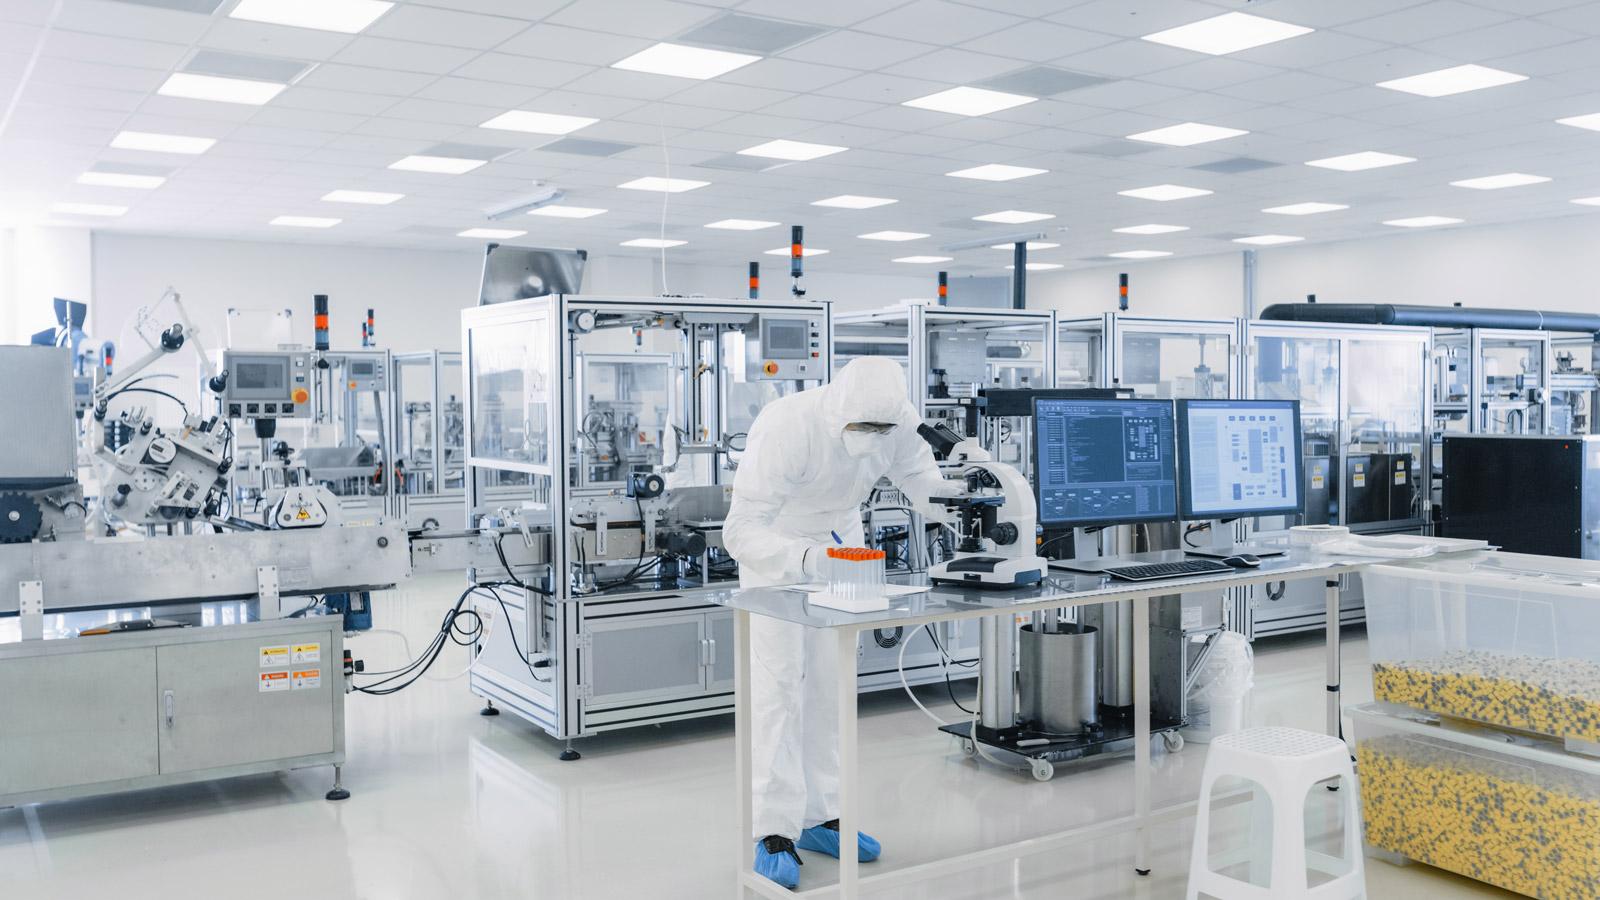 Traçabilité des médicaments dans l'industrie pharmaceutique